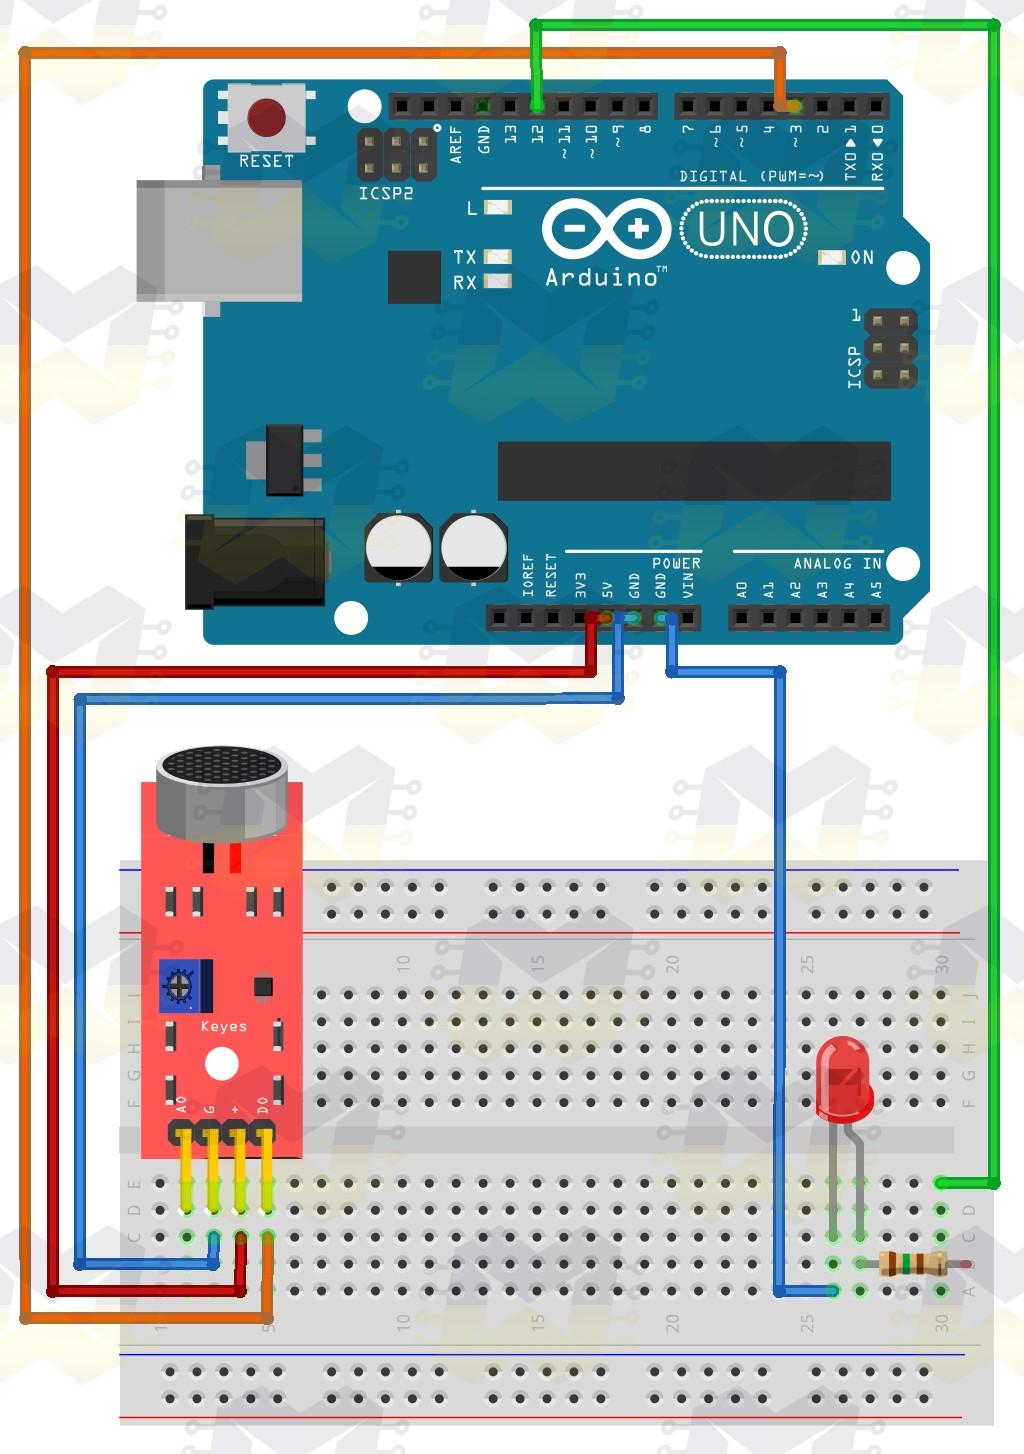 img01_como_usar_com_arduino_sensor_detector_de_som_ky_038_uno_mega_2560_nano_palma_lampada_luz